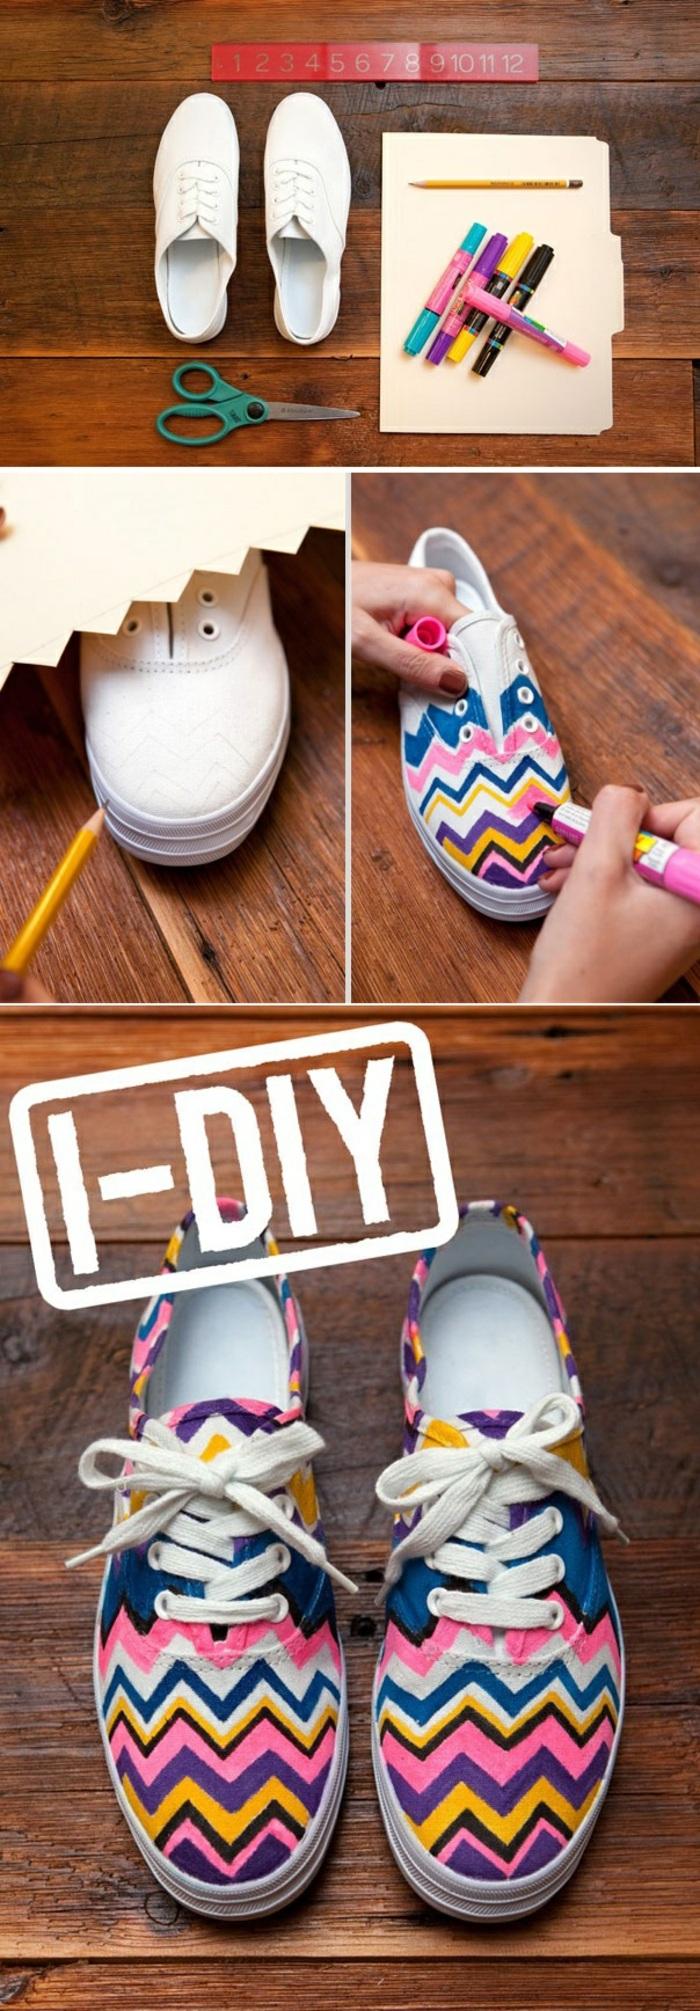 lavoretti da realizzare con i bambini, delle scarpe da tennis decorate con moti vi geometrici